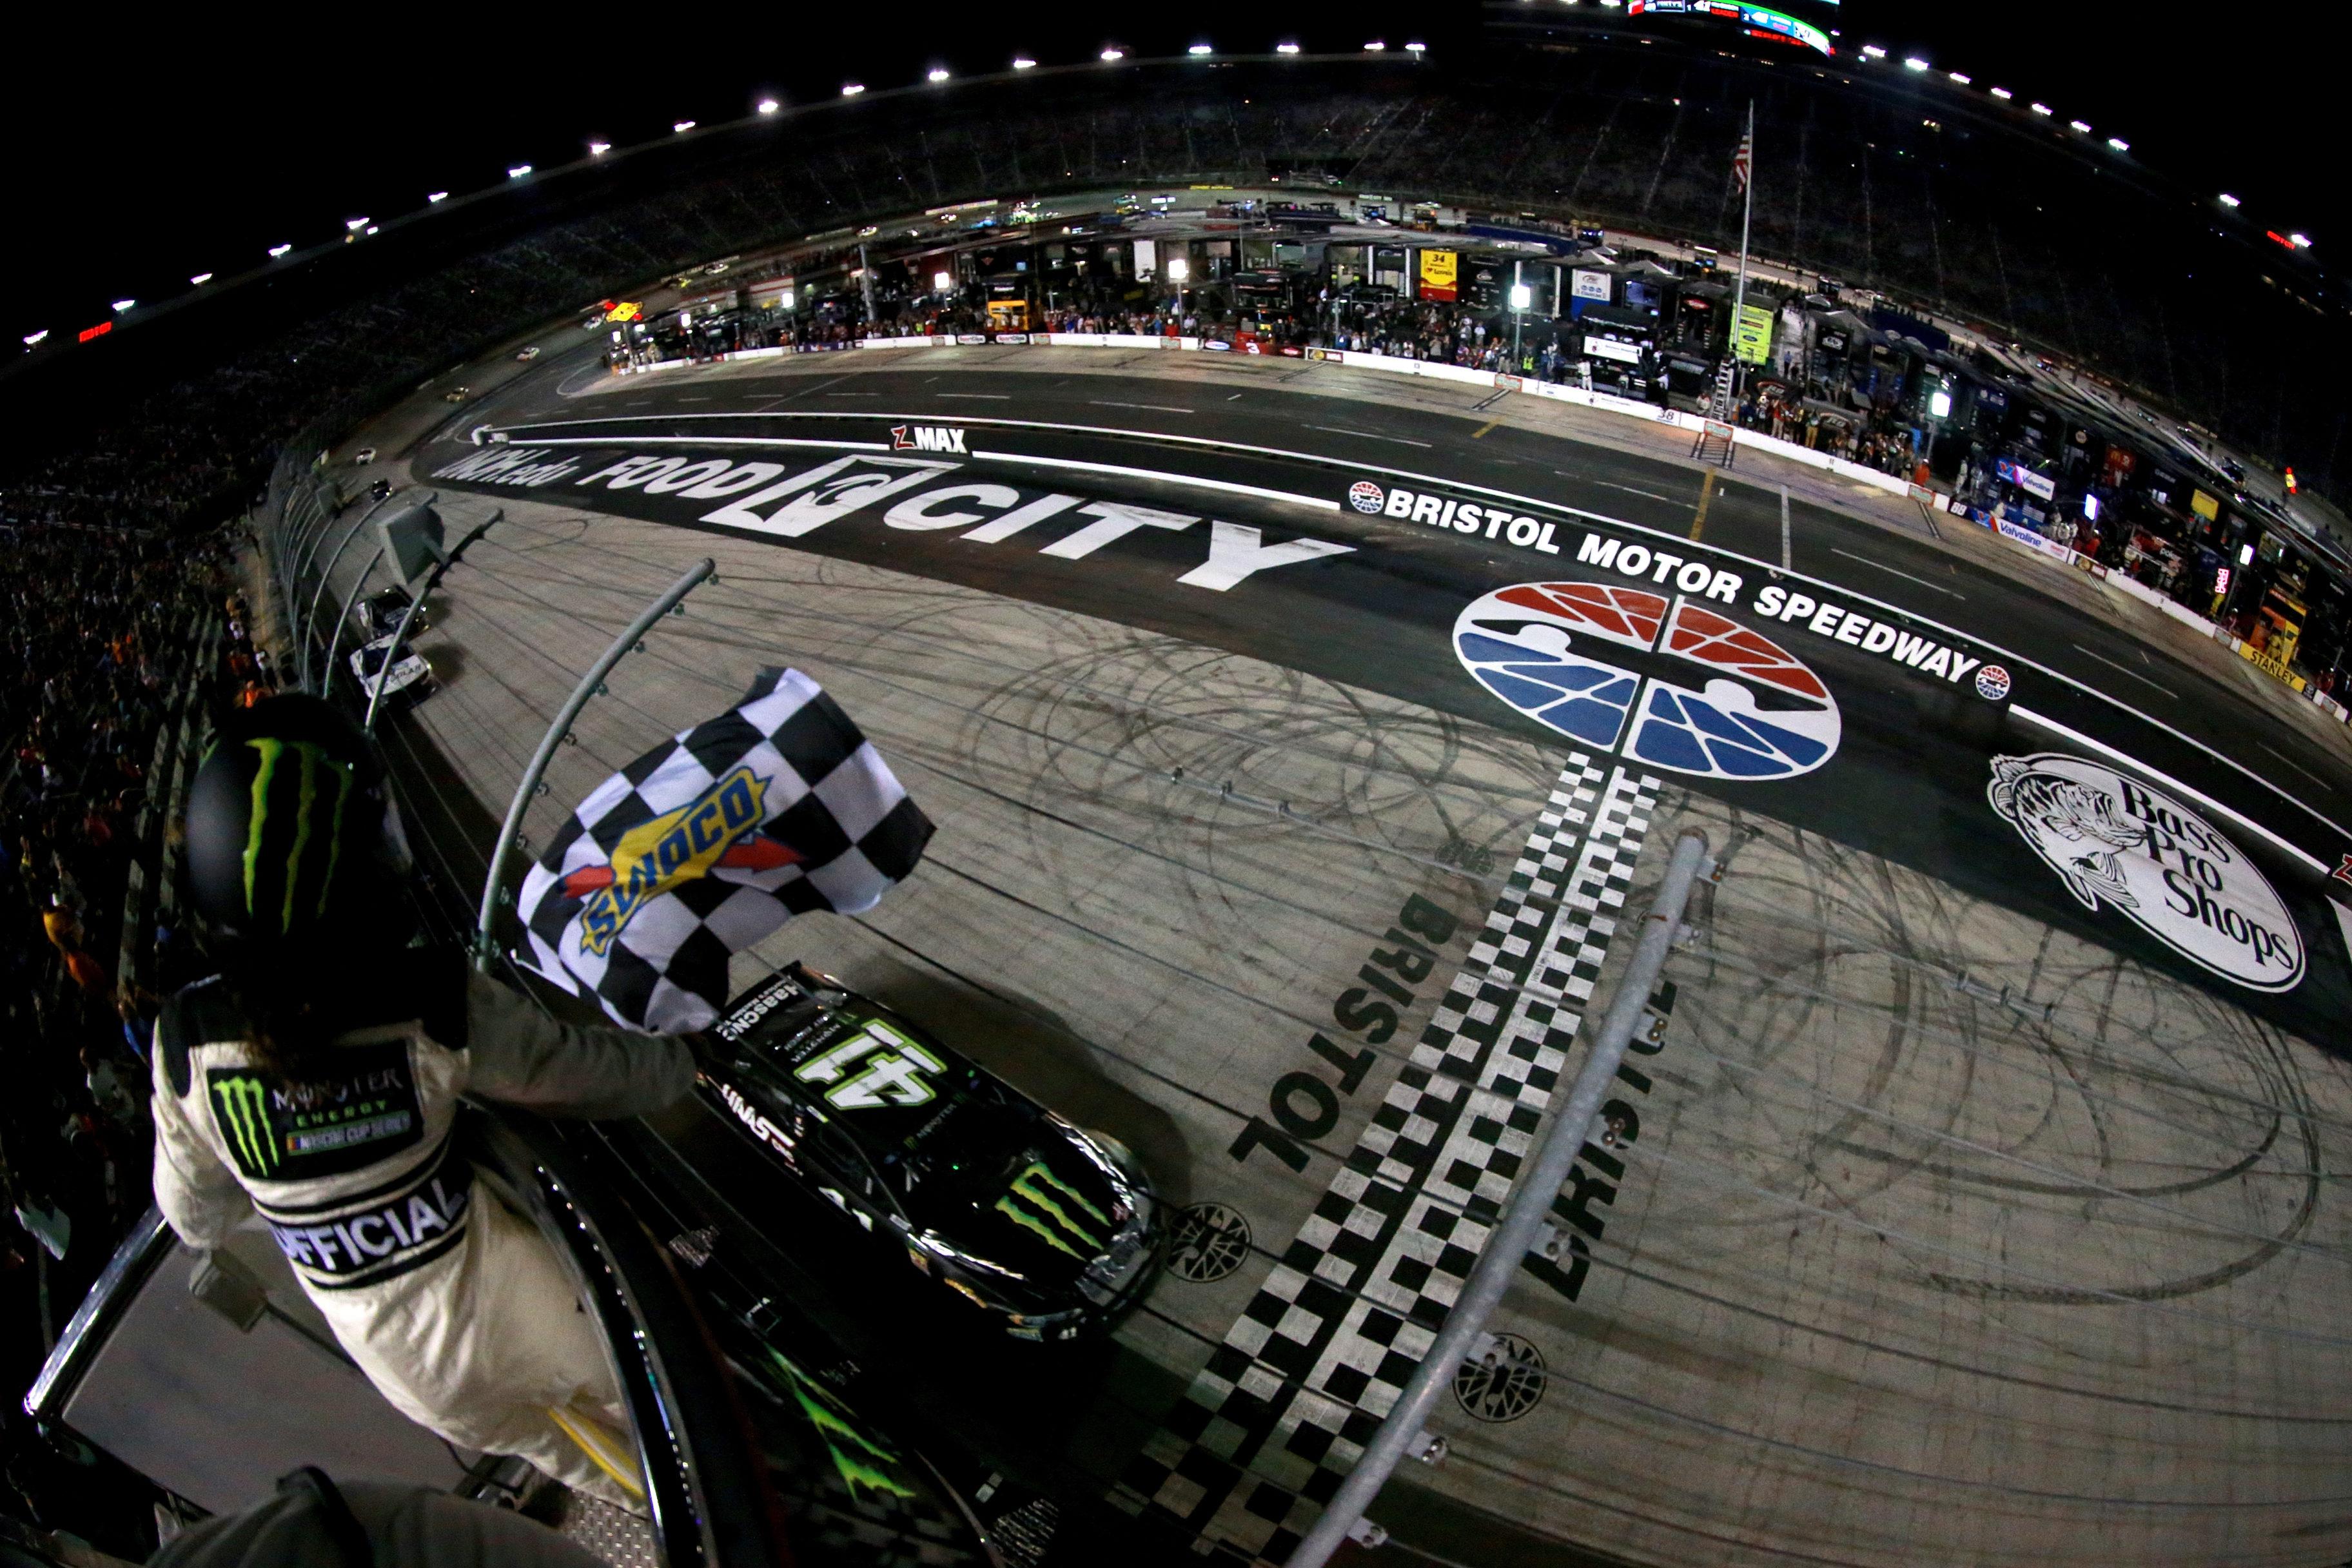 Kurt Busch wins at Bristol Motor Speedway